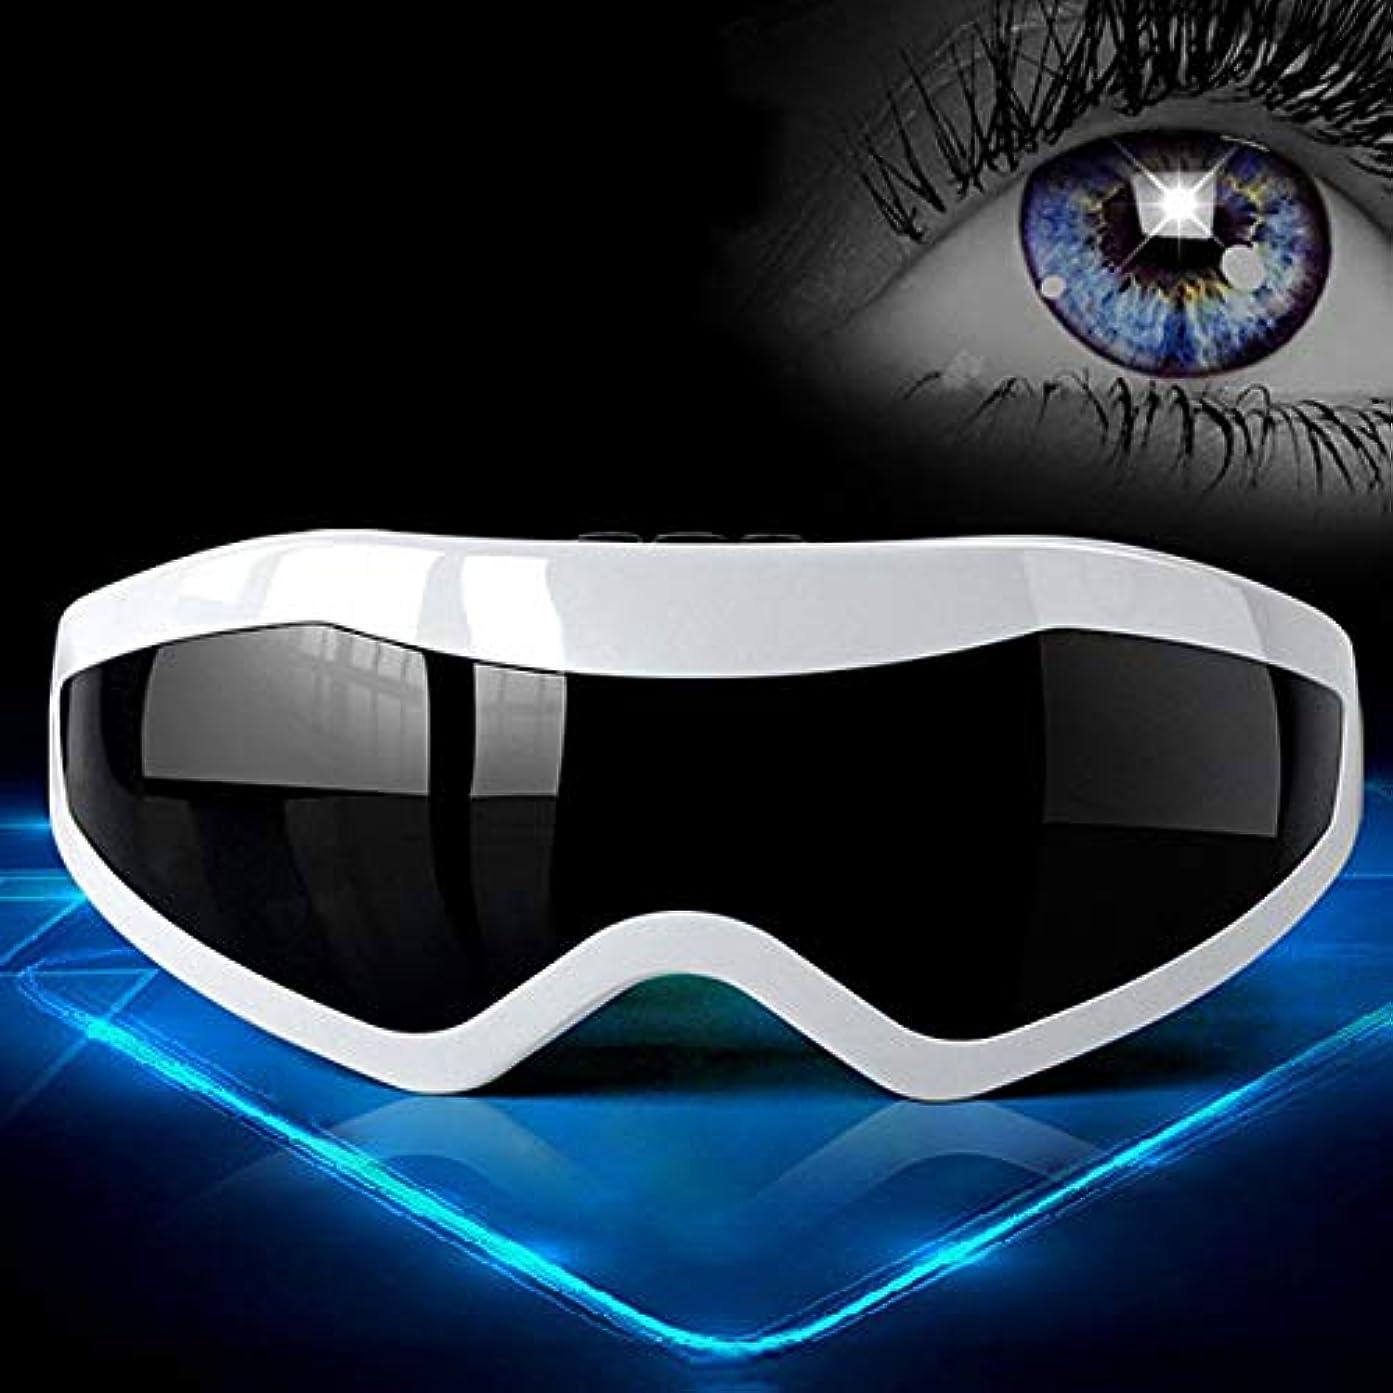 修復立場すでにComfortable Electric Eye Massager Men Women Eye Brain Relax Magnetic Eye Health Care Massager Instrument Best...